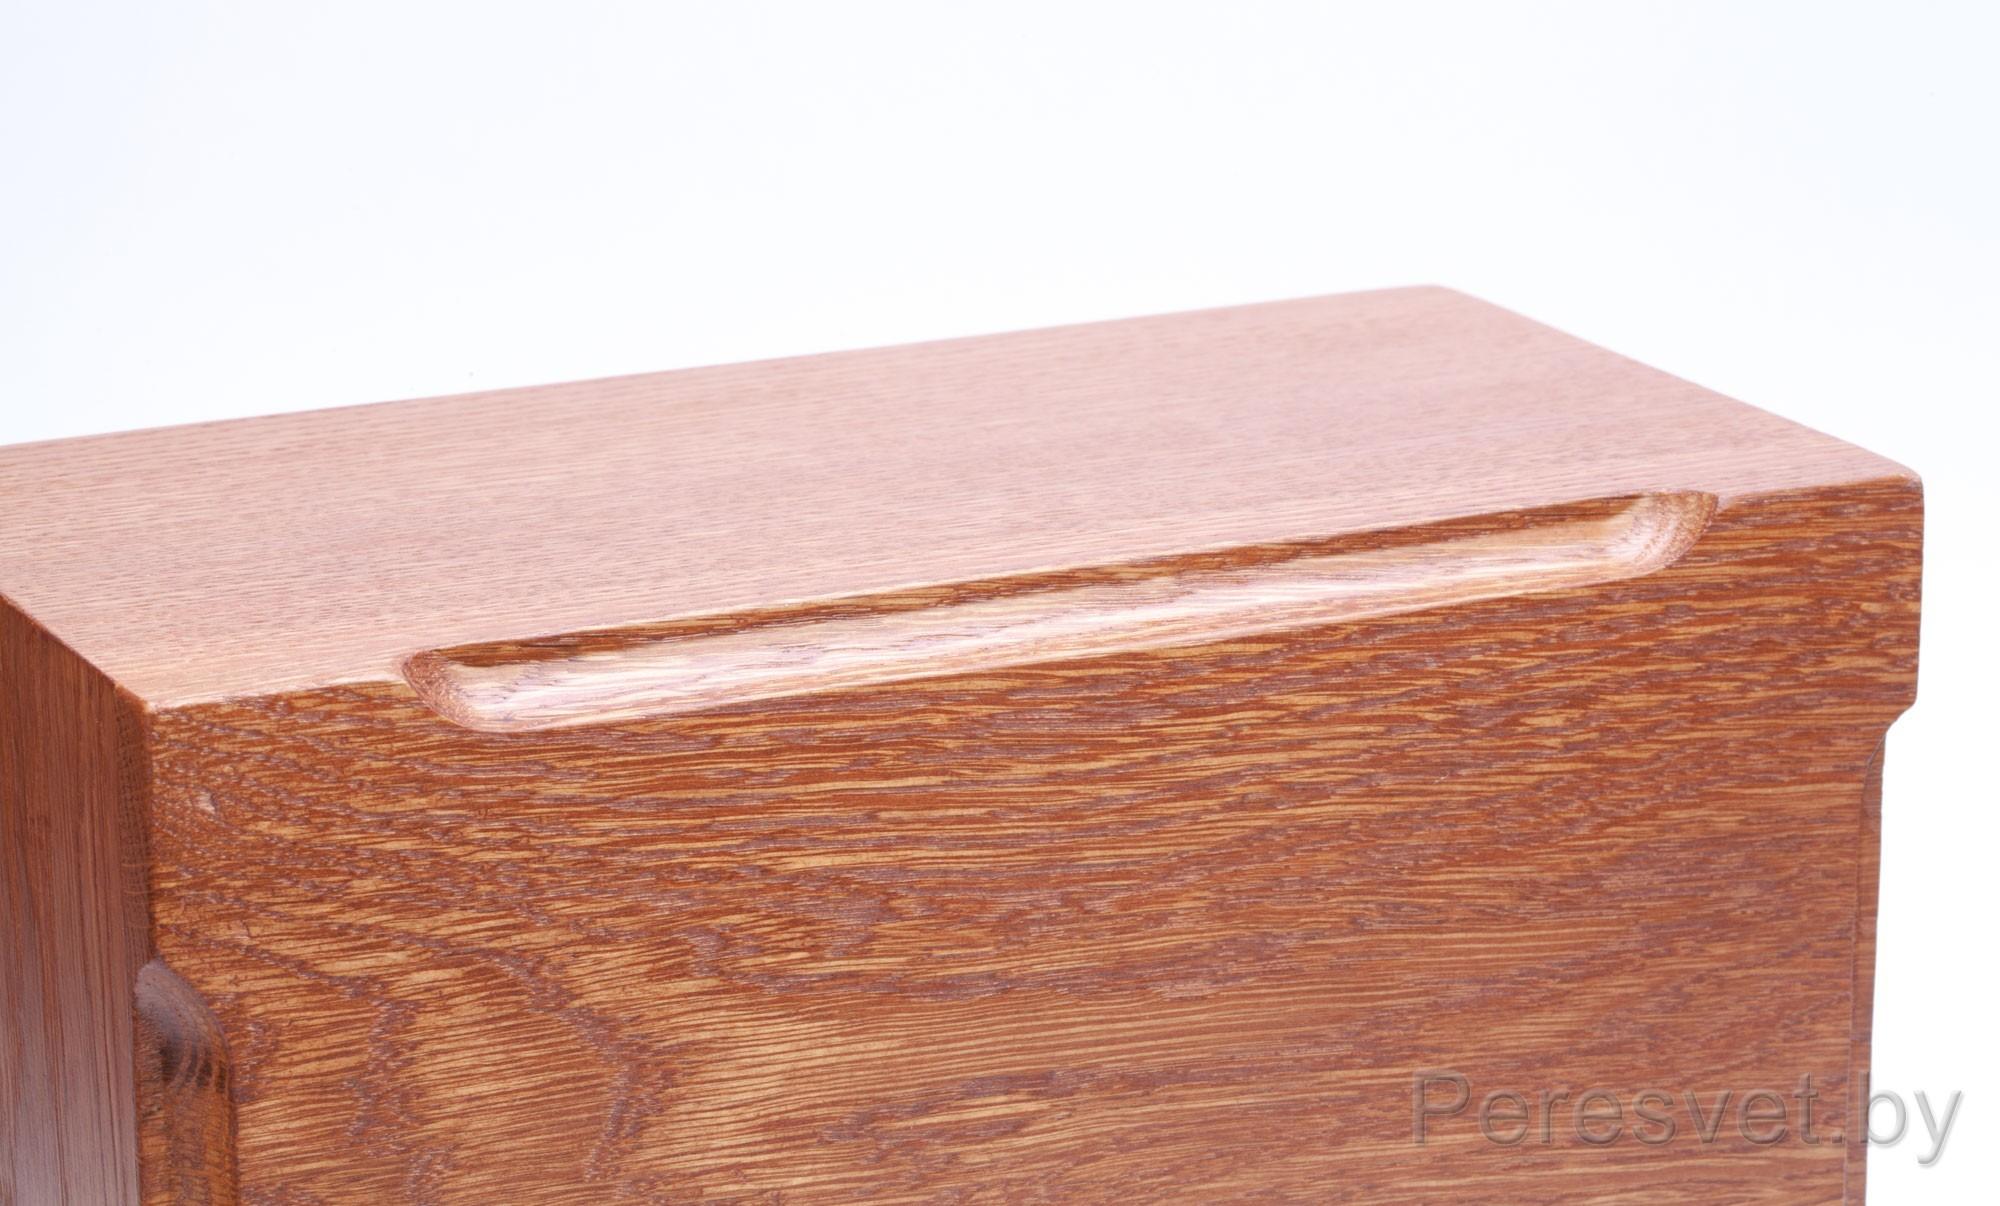 Деревянная коробка Ларец Магната Дуб на peresvet.by